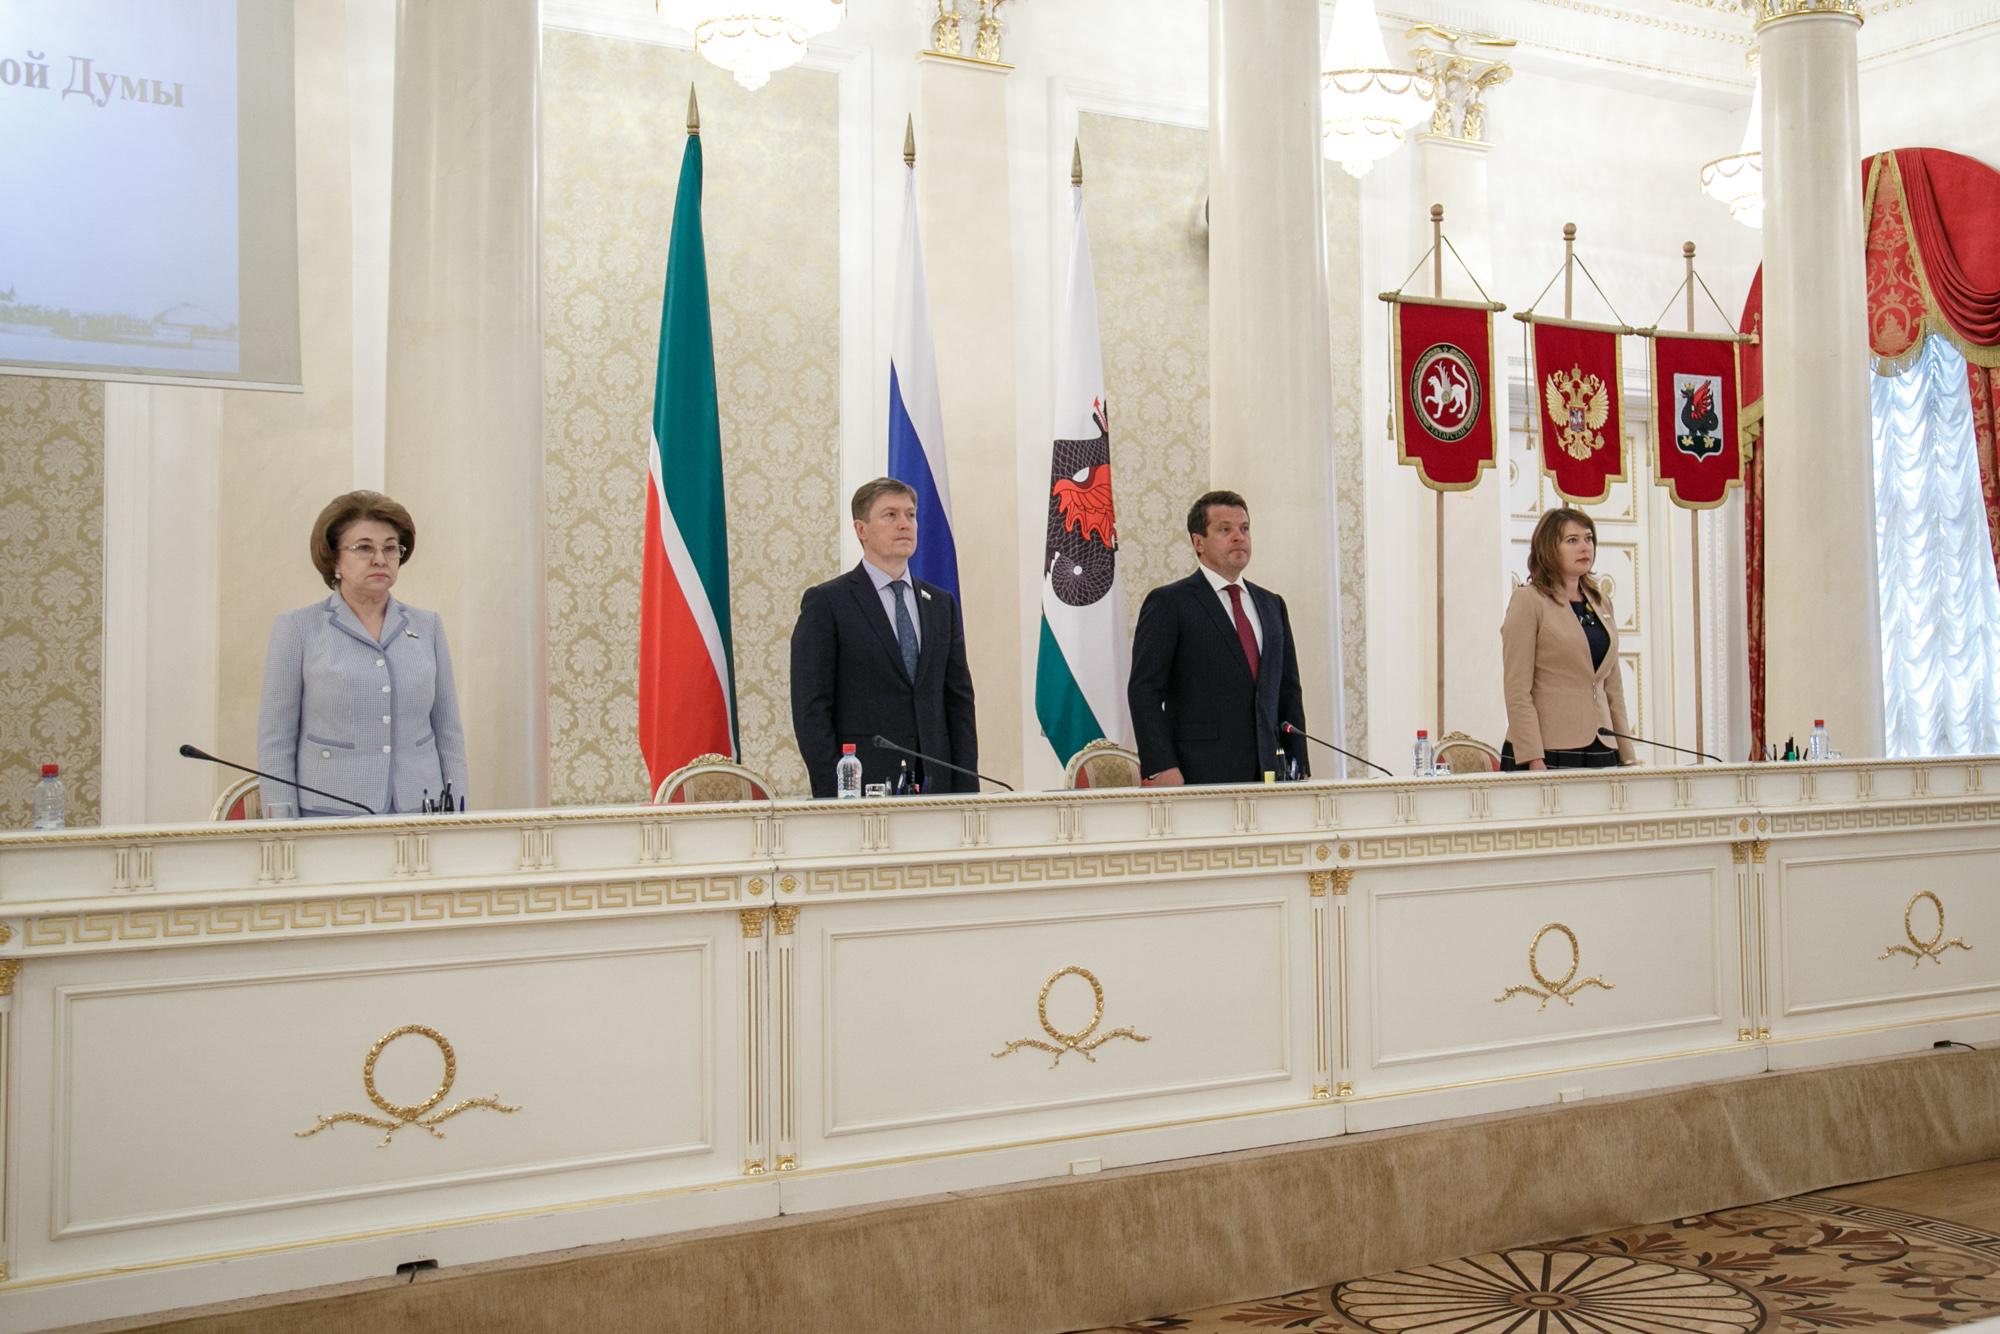 Расходы бюджета Казани в2015-м году возрастут на млрд. руб.